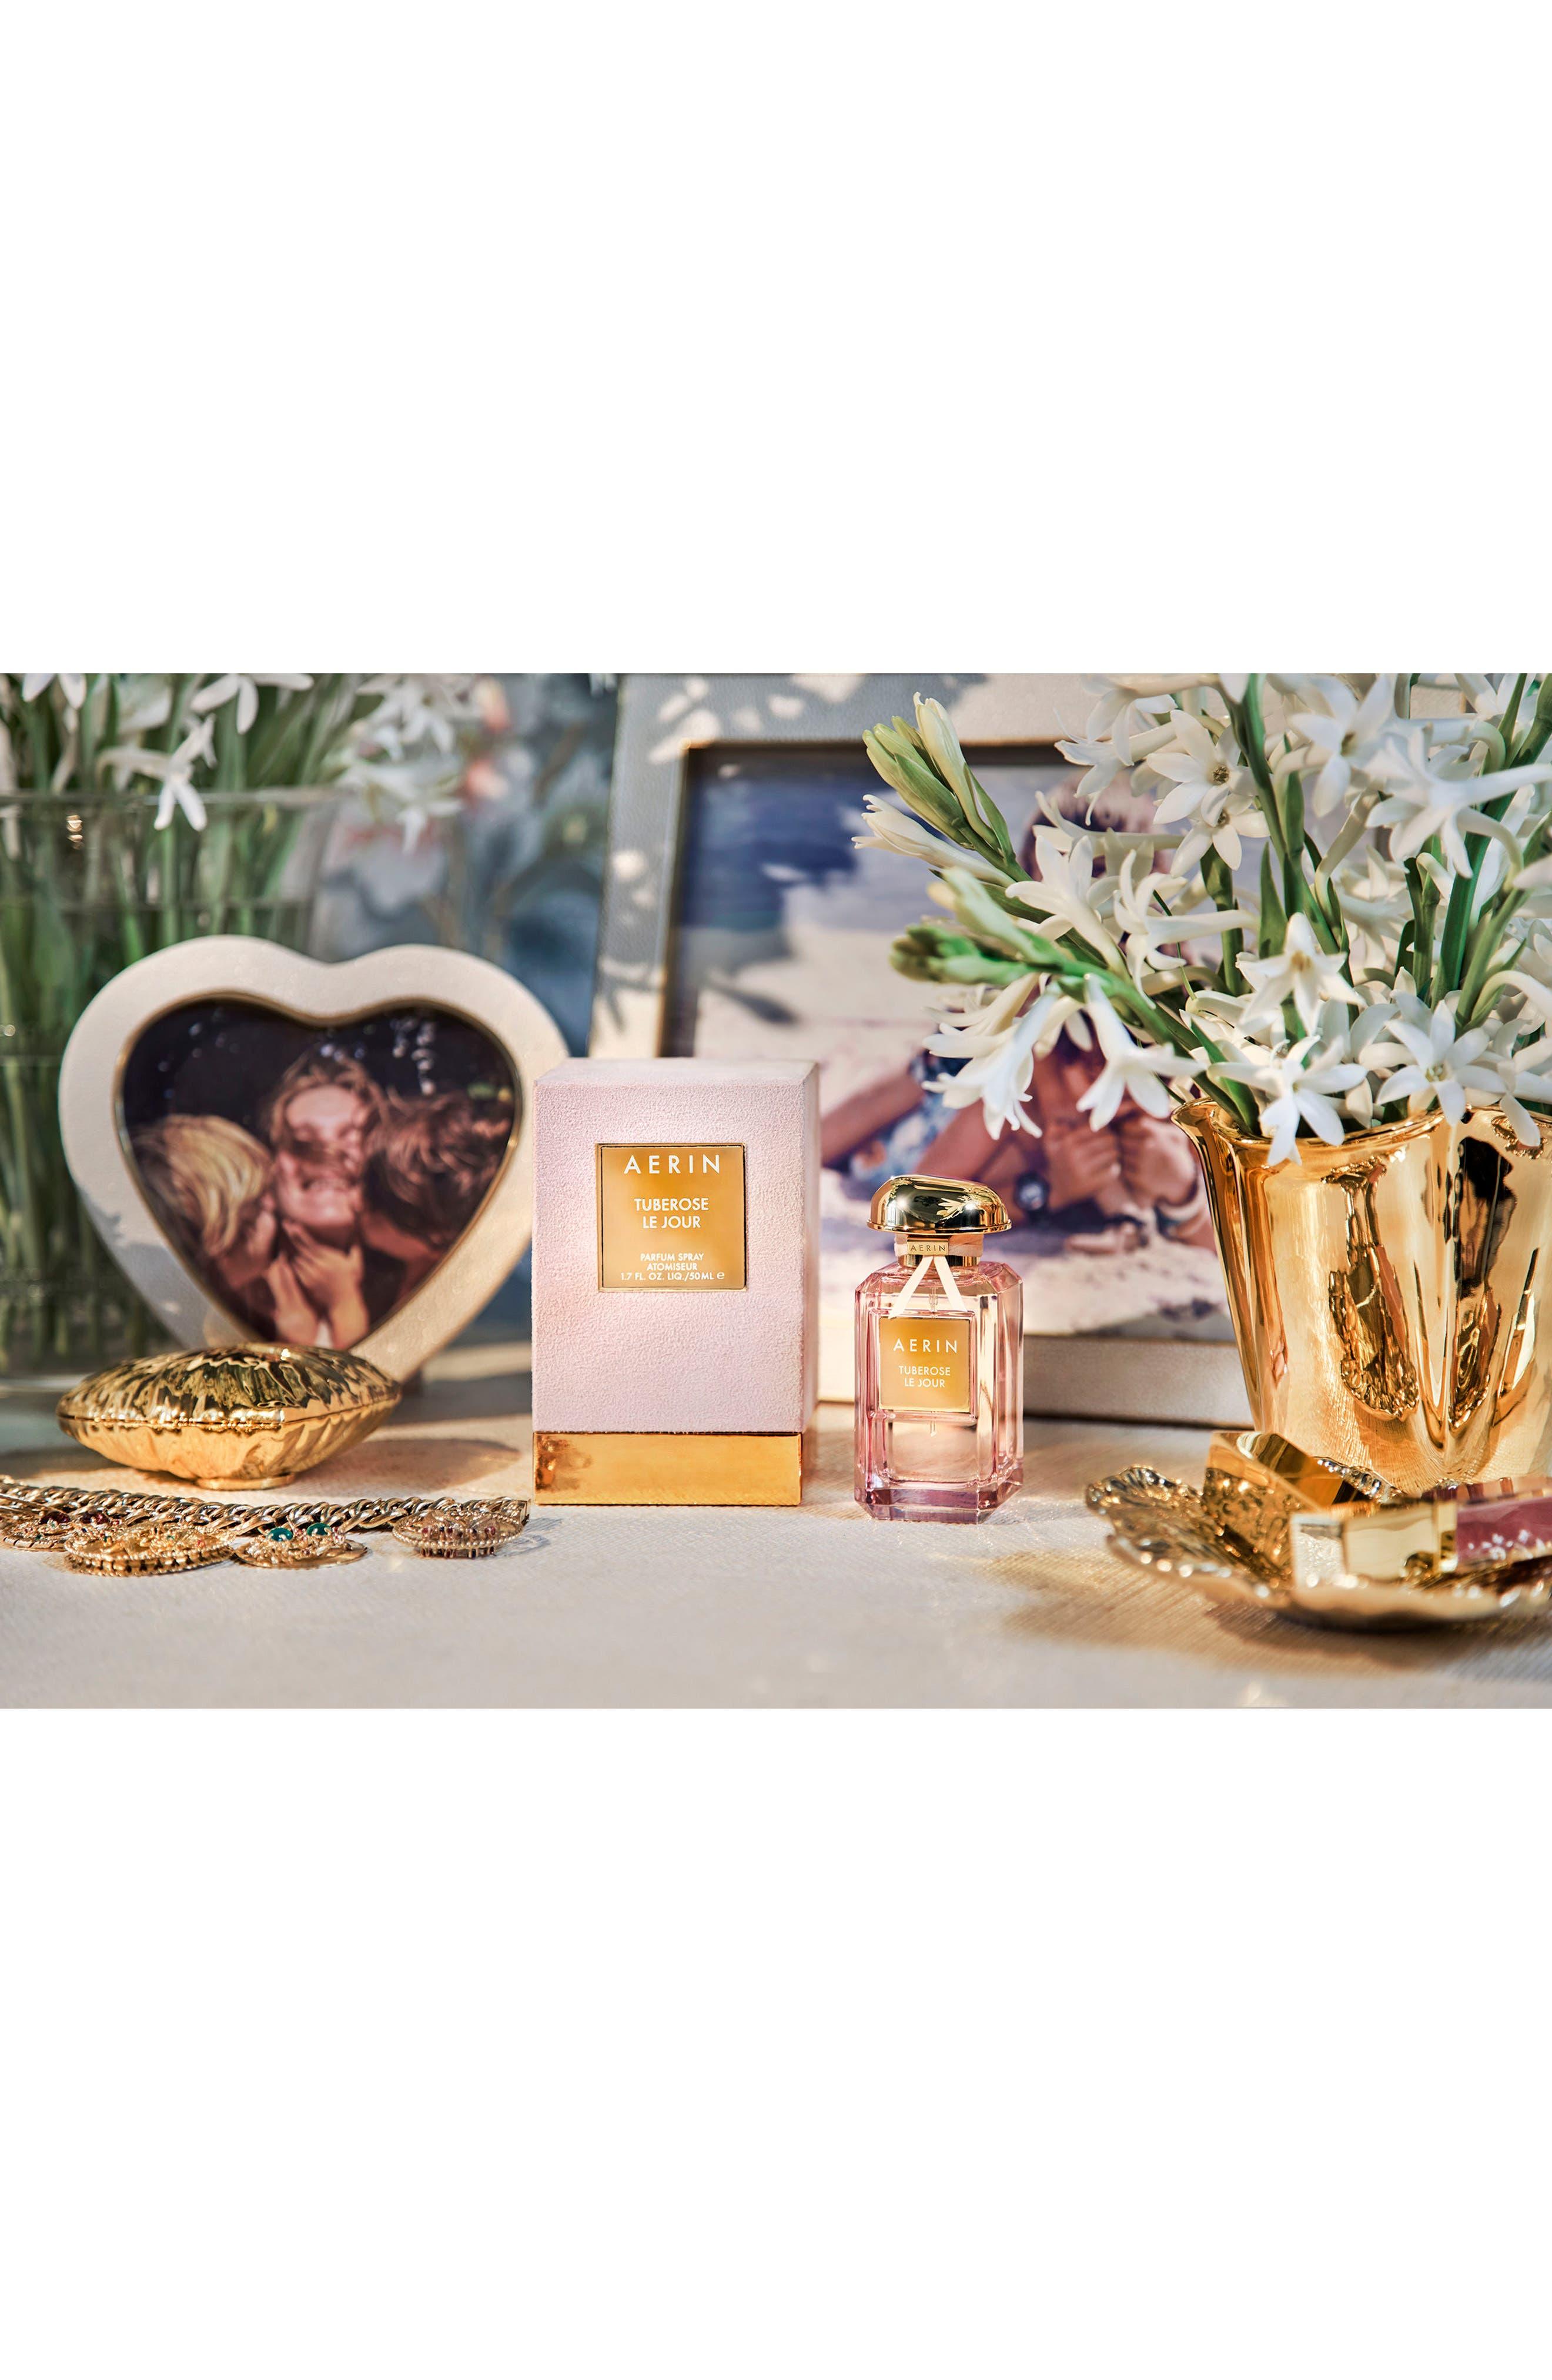 AERIN Beauty Tuberose Le Jour Parfum,                             Alternate thumbnail 10, color,                             No Color